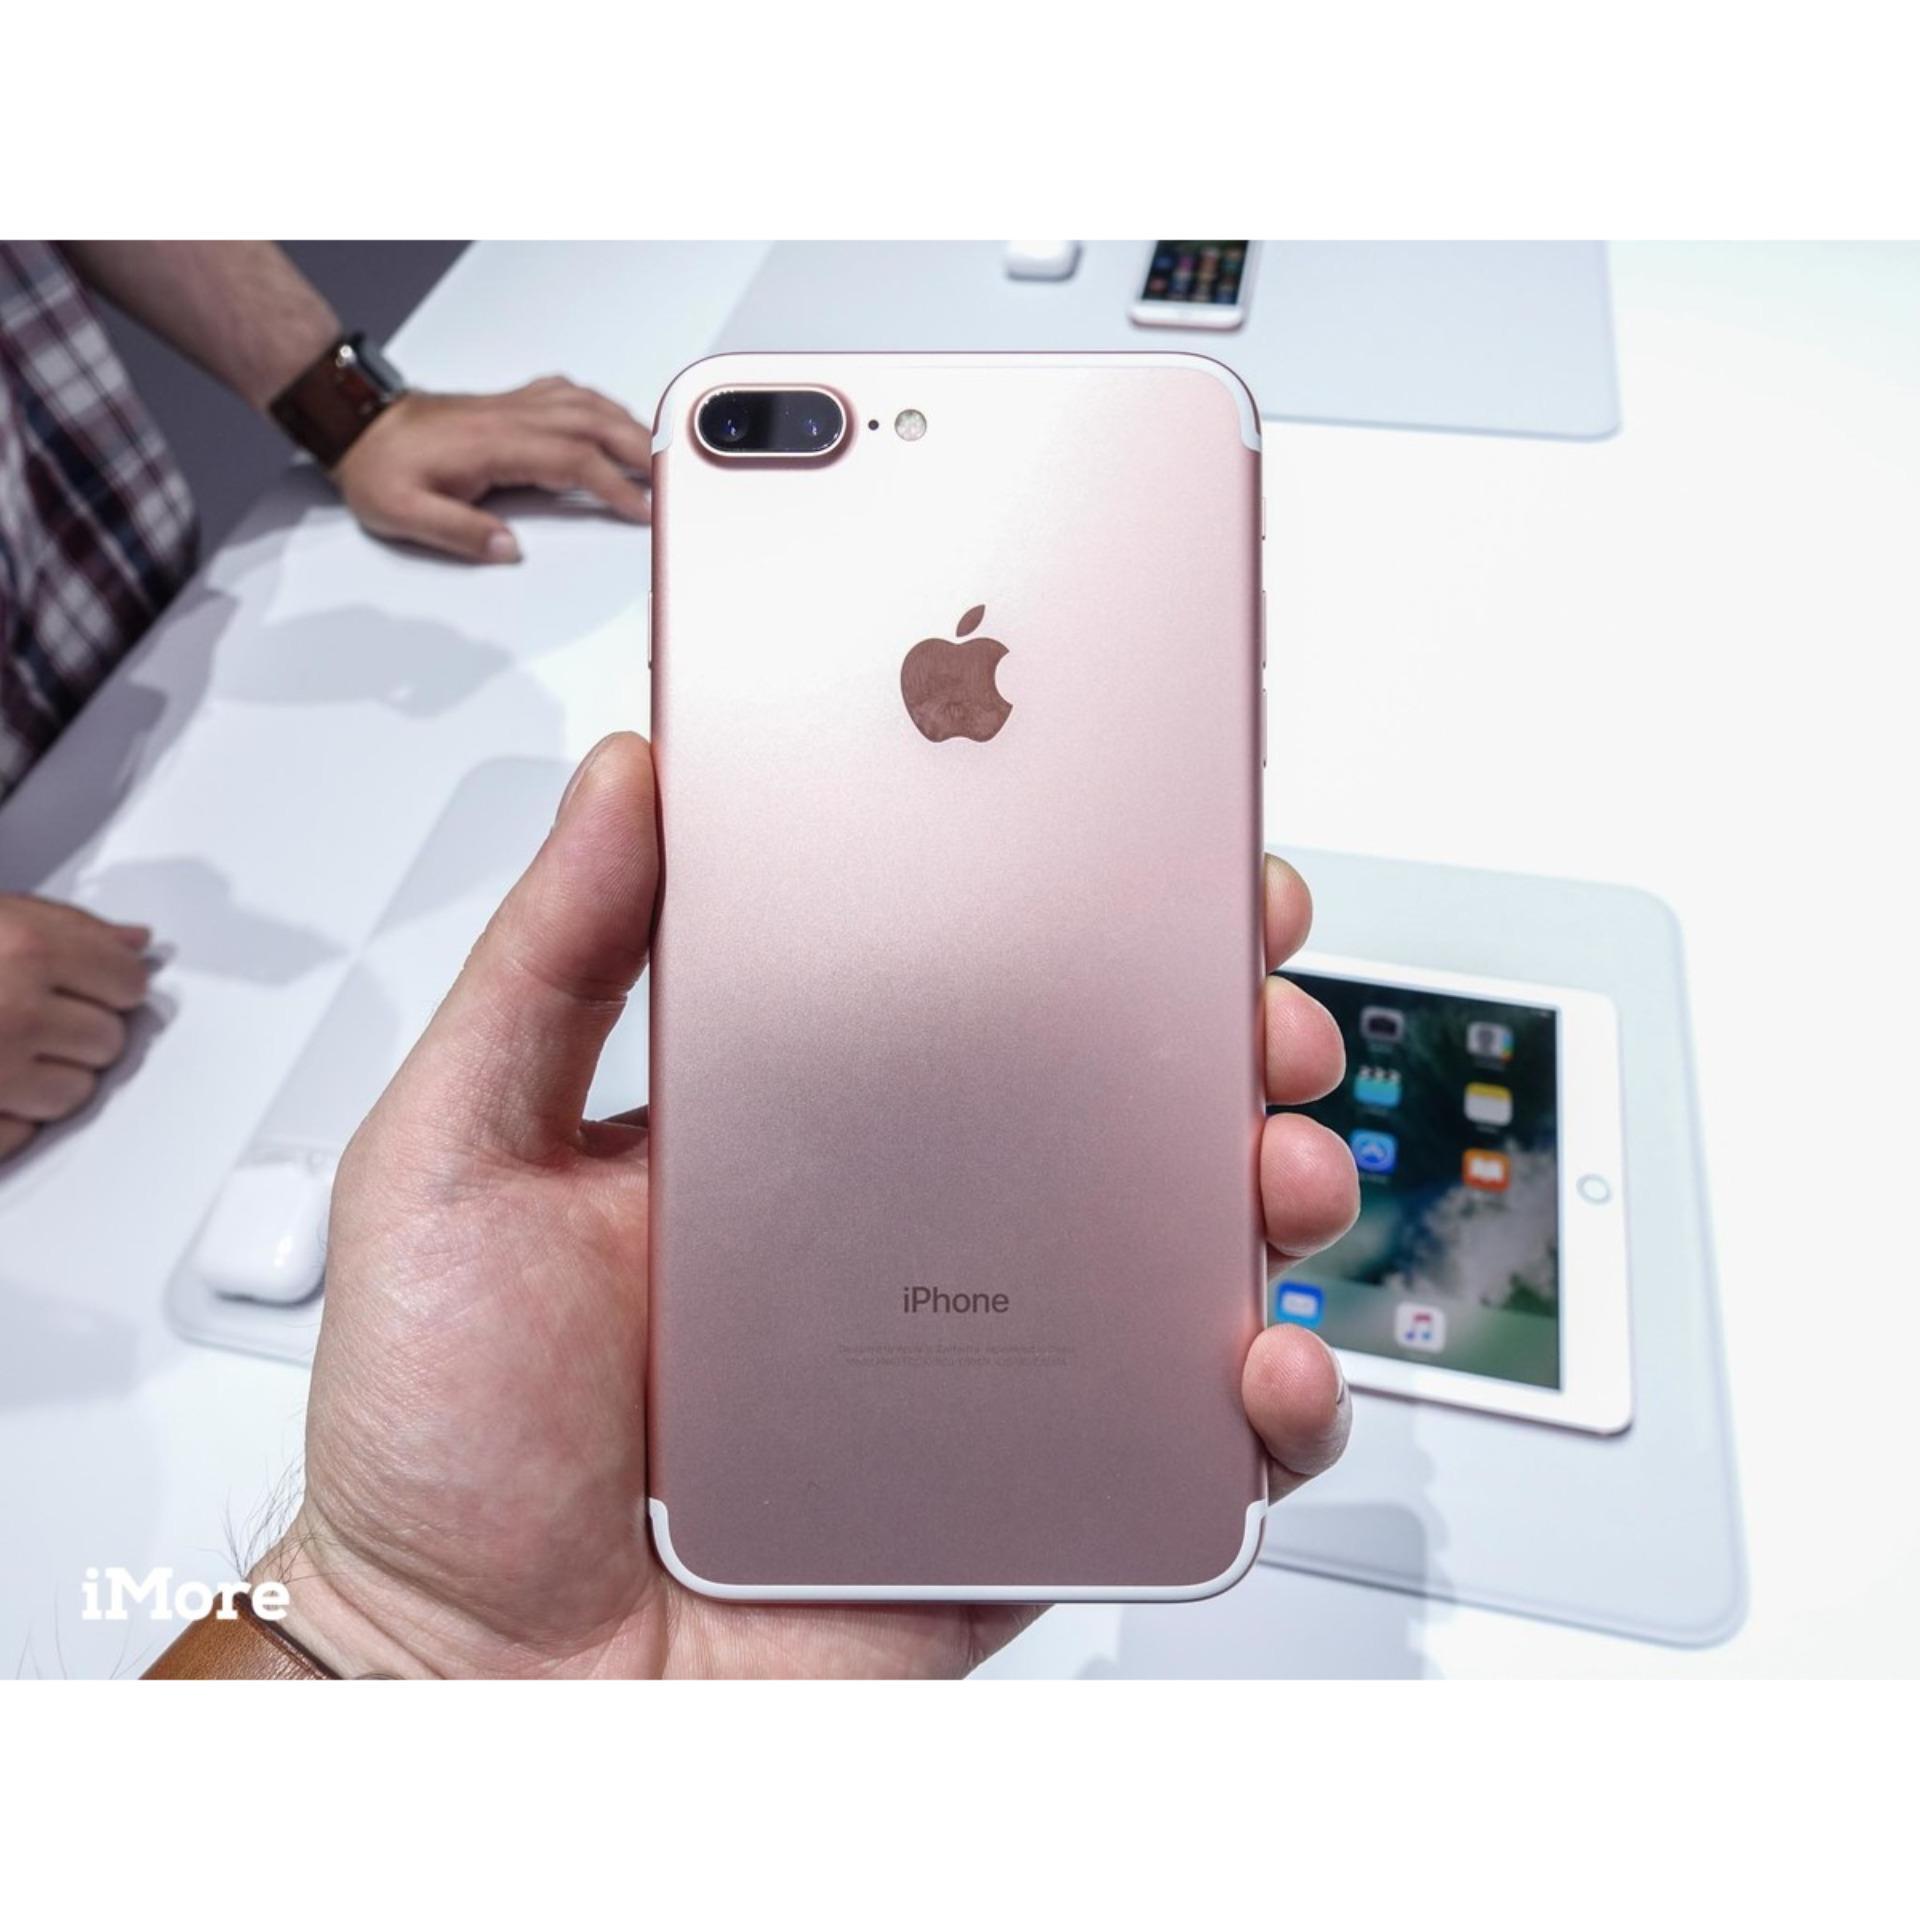 Pencari Harga Apple Iphone 7 Plus Rosegold 128gb Ram 3gb Rose Gold Garansi 1 Tahun Camera 12mp Internasional